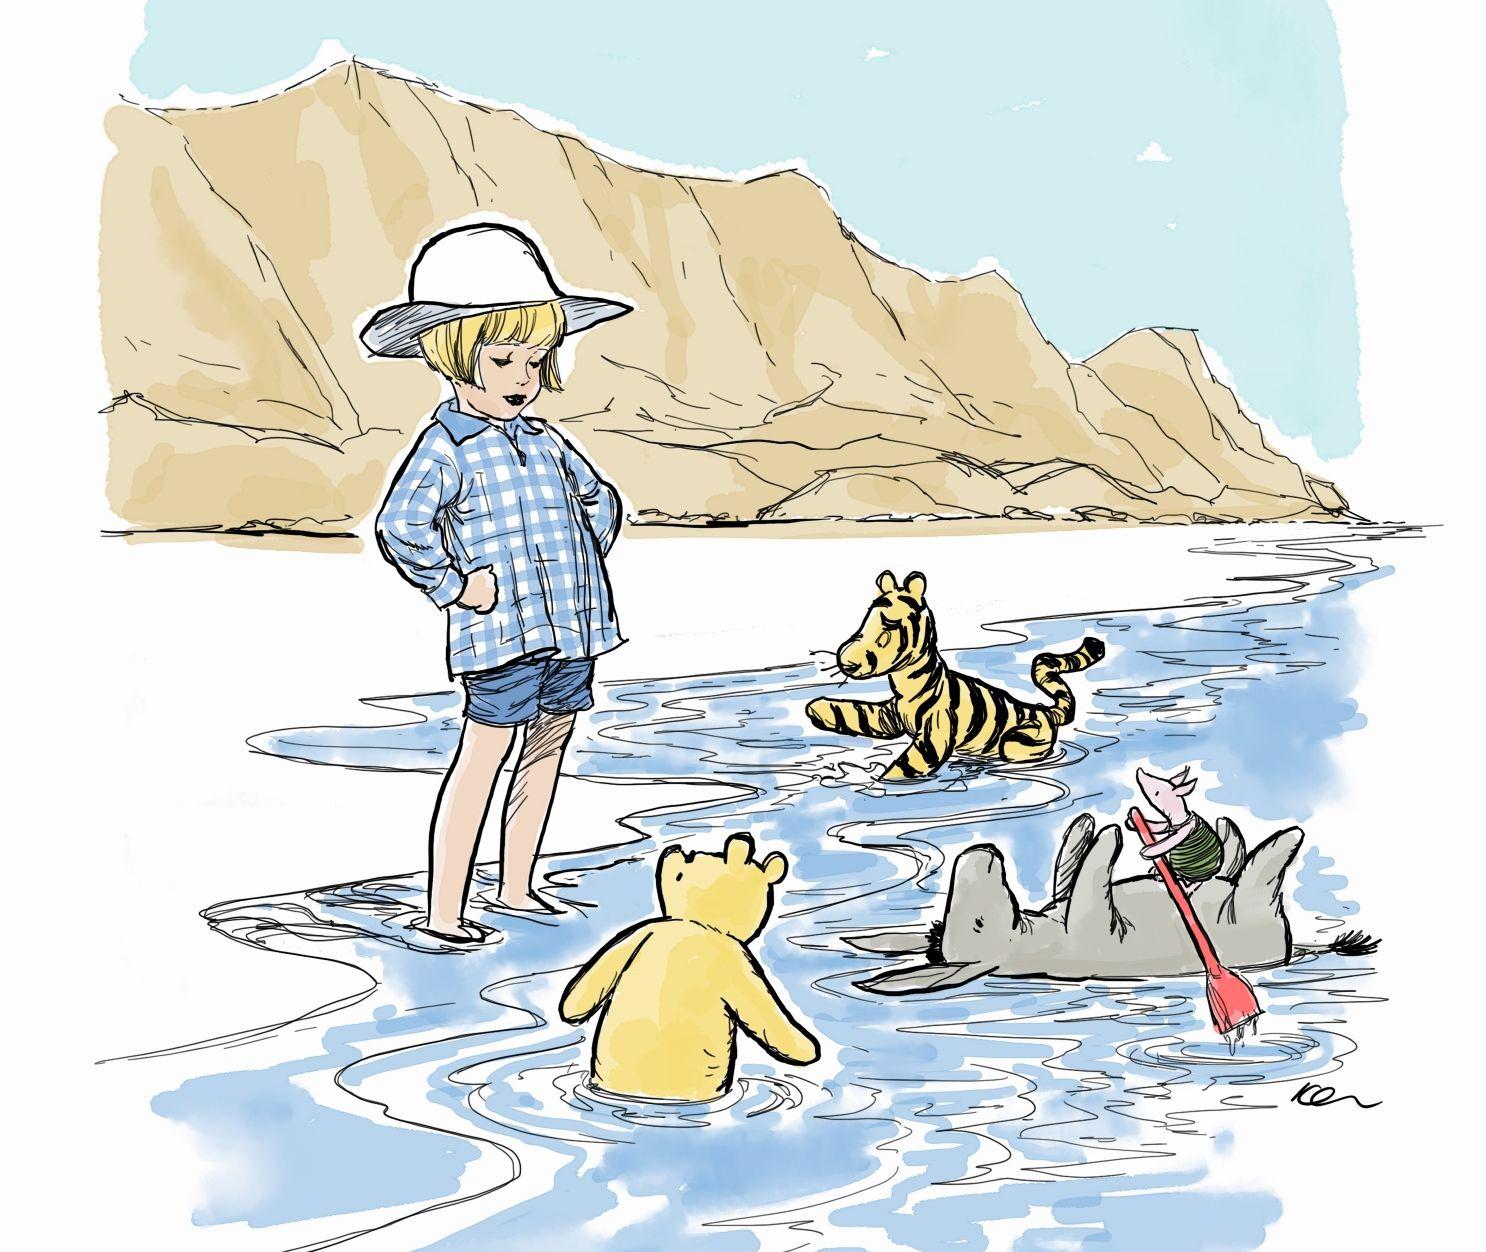 פו הדב וחבריו מבקרים בים המלח ושוק מחנה יהודה